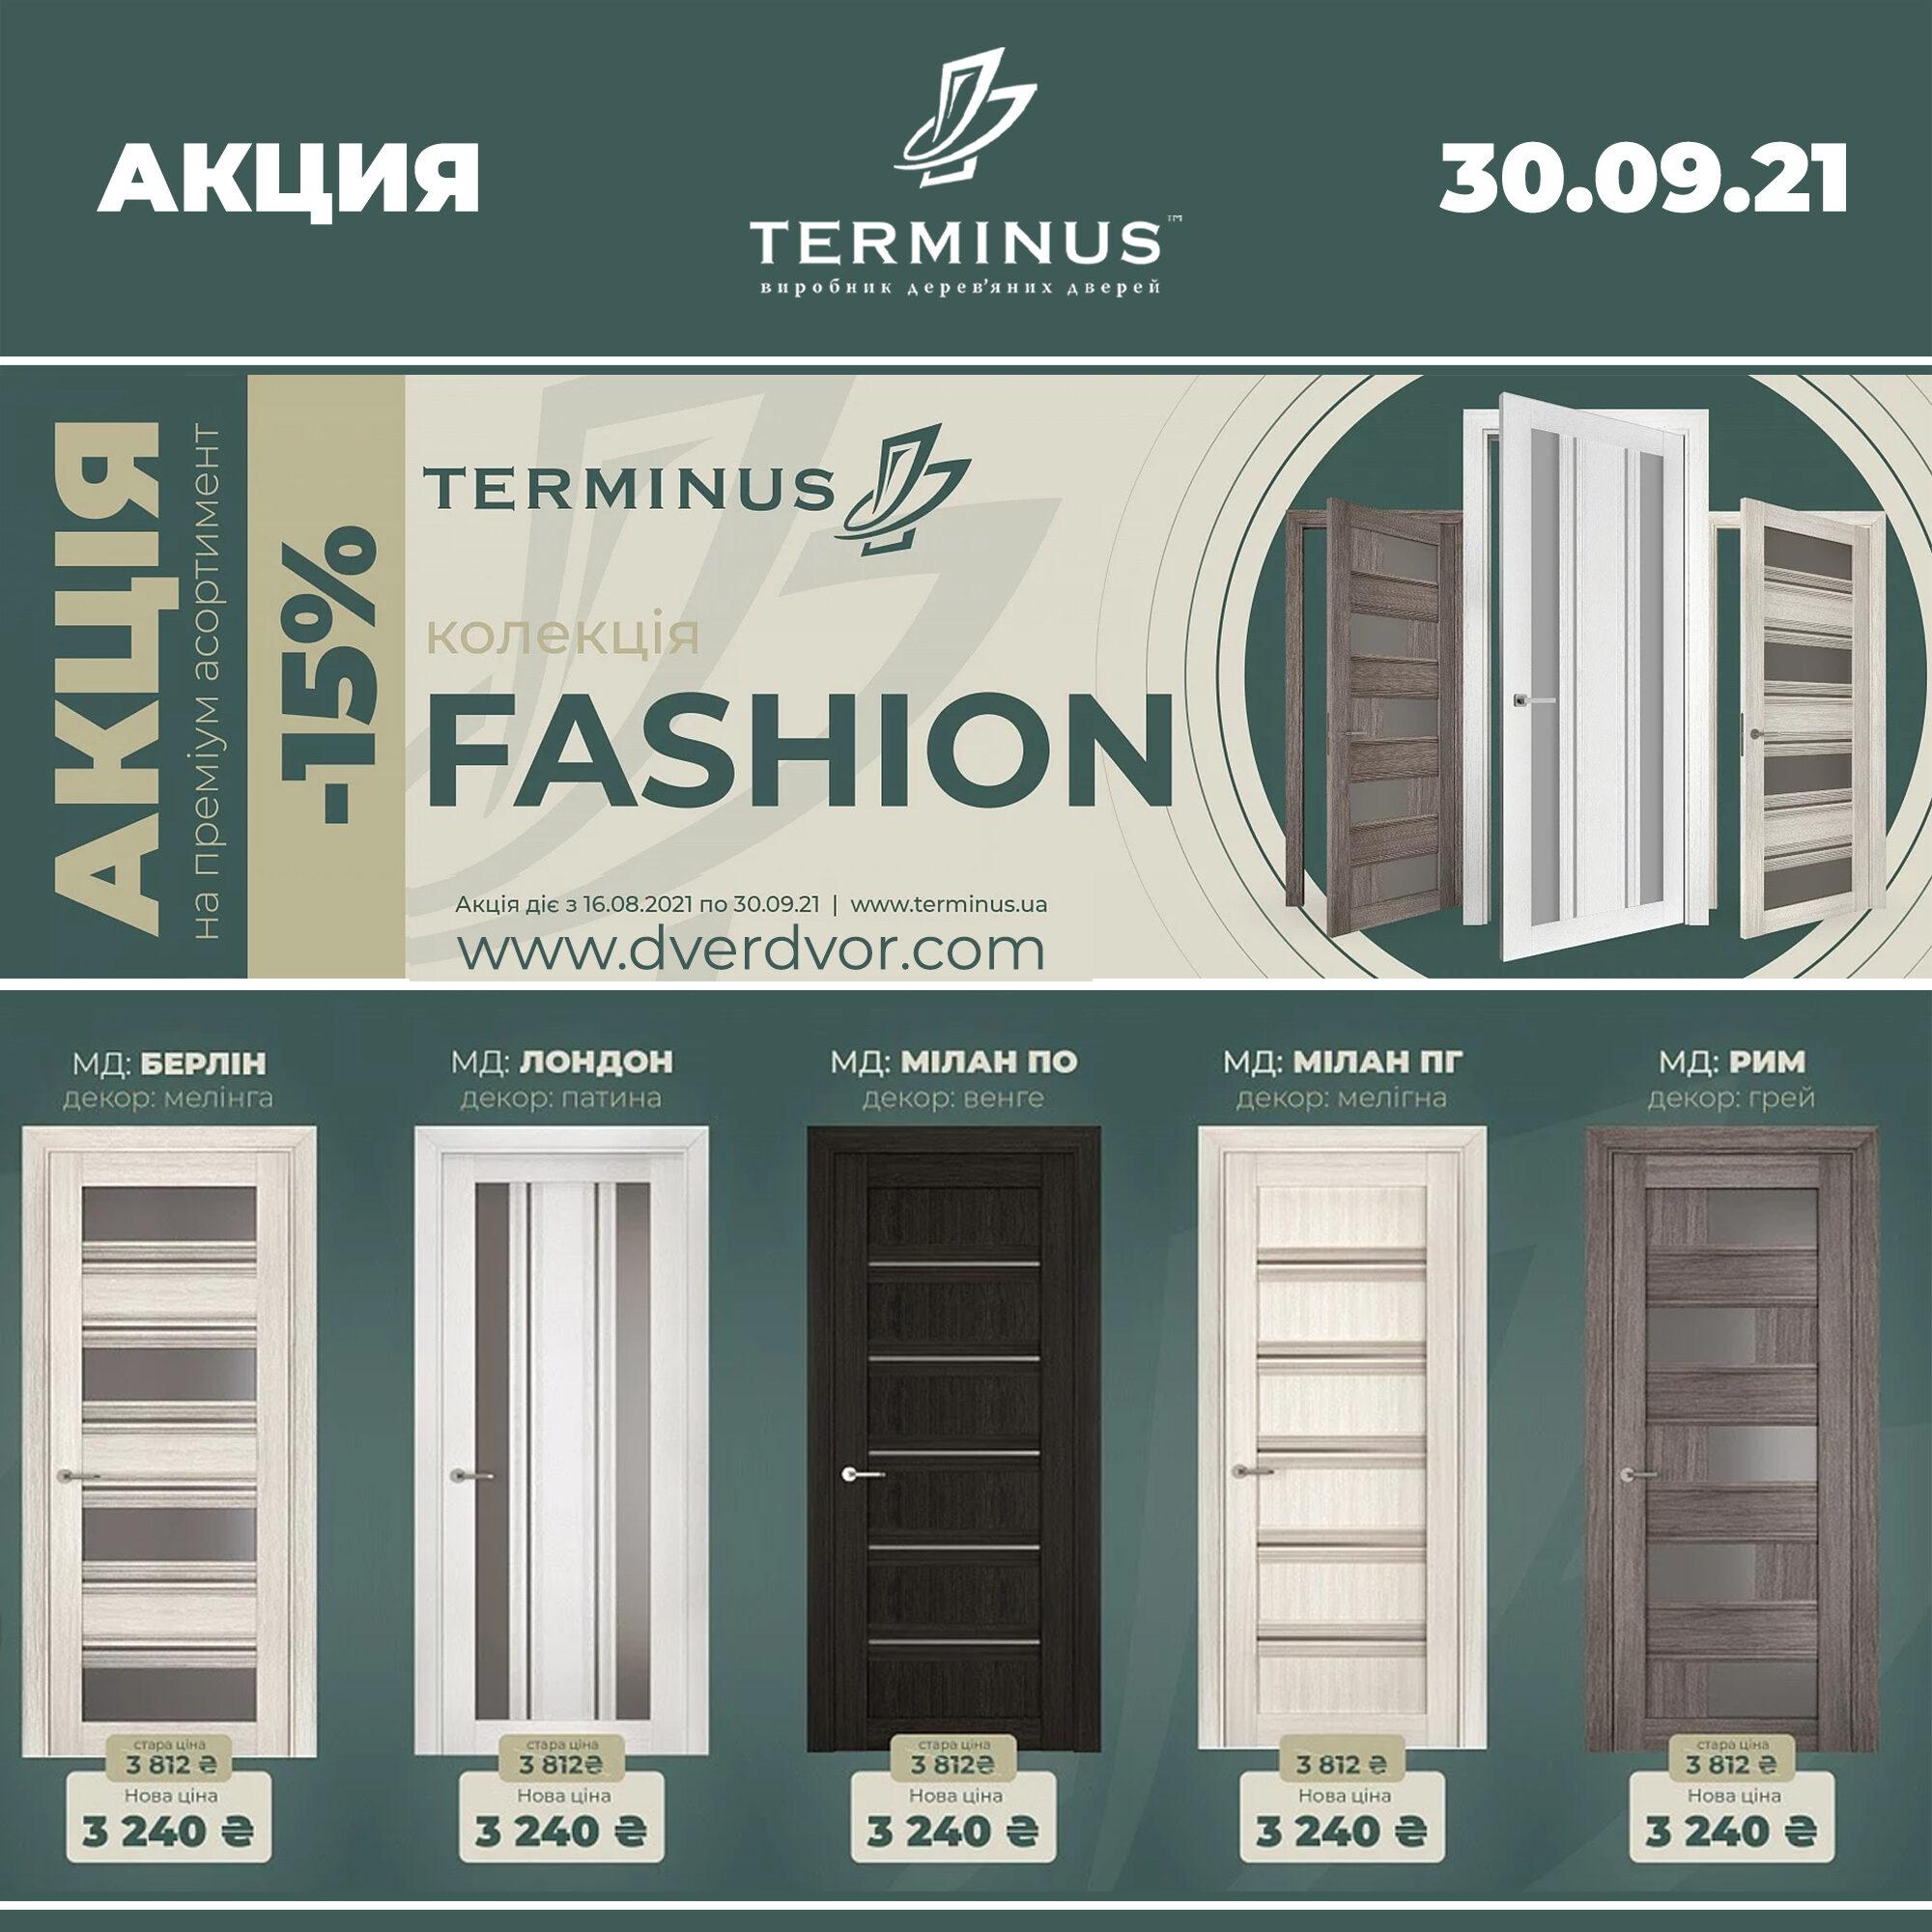 30.09.2021 Terminus Fashion